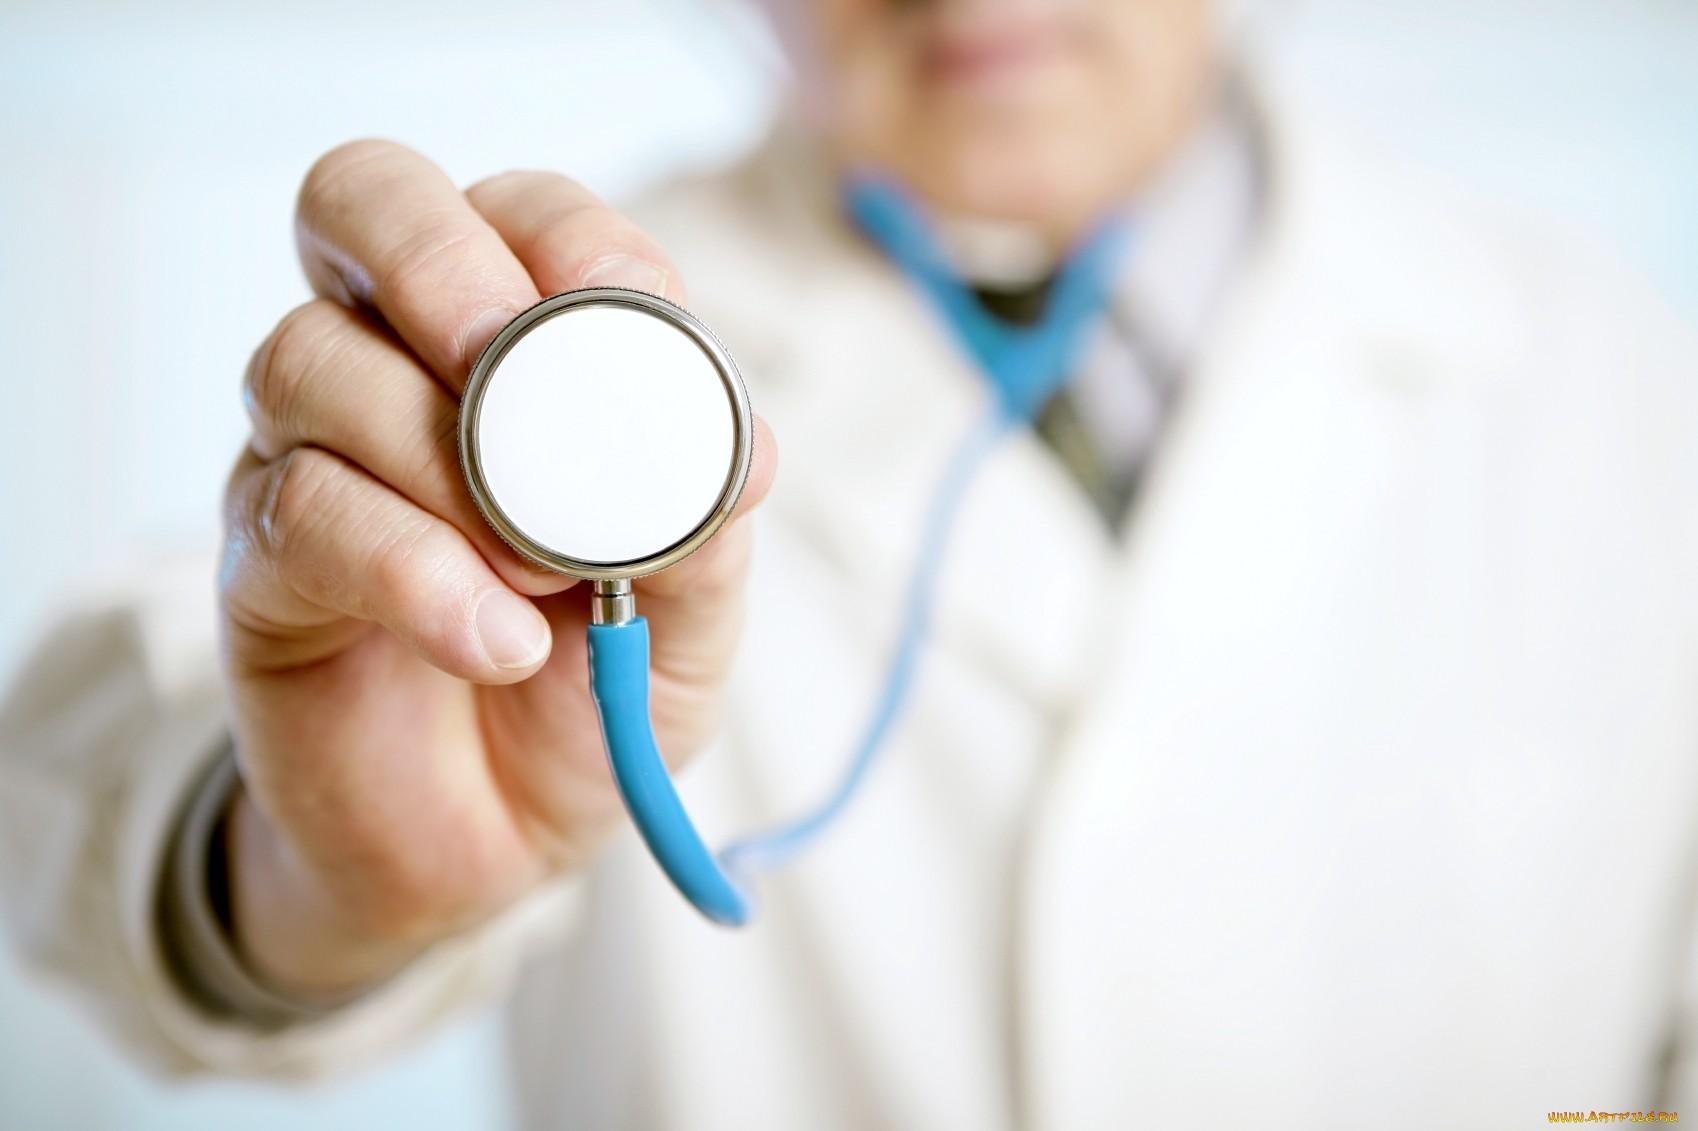 Ушел из жизни известный врач-гинеколог Виктор Беседин